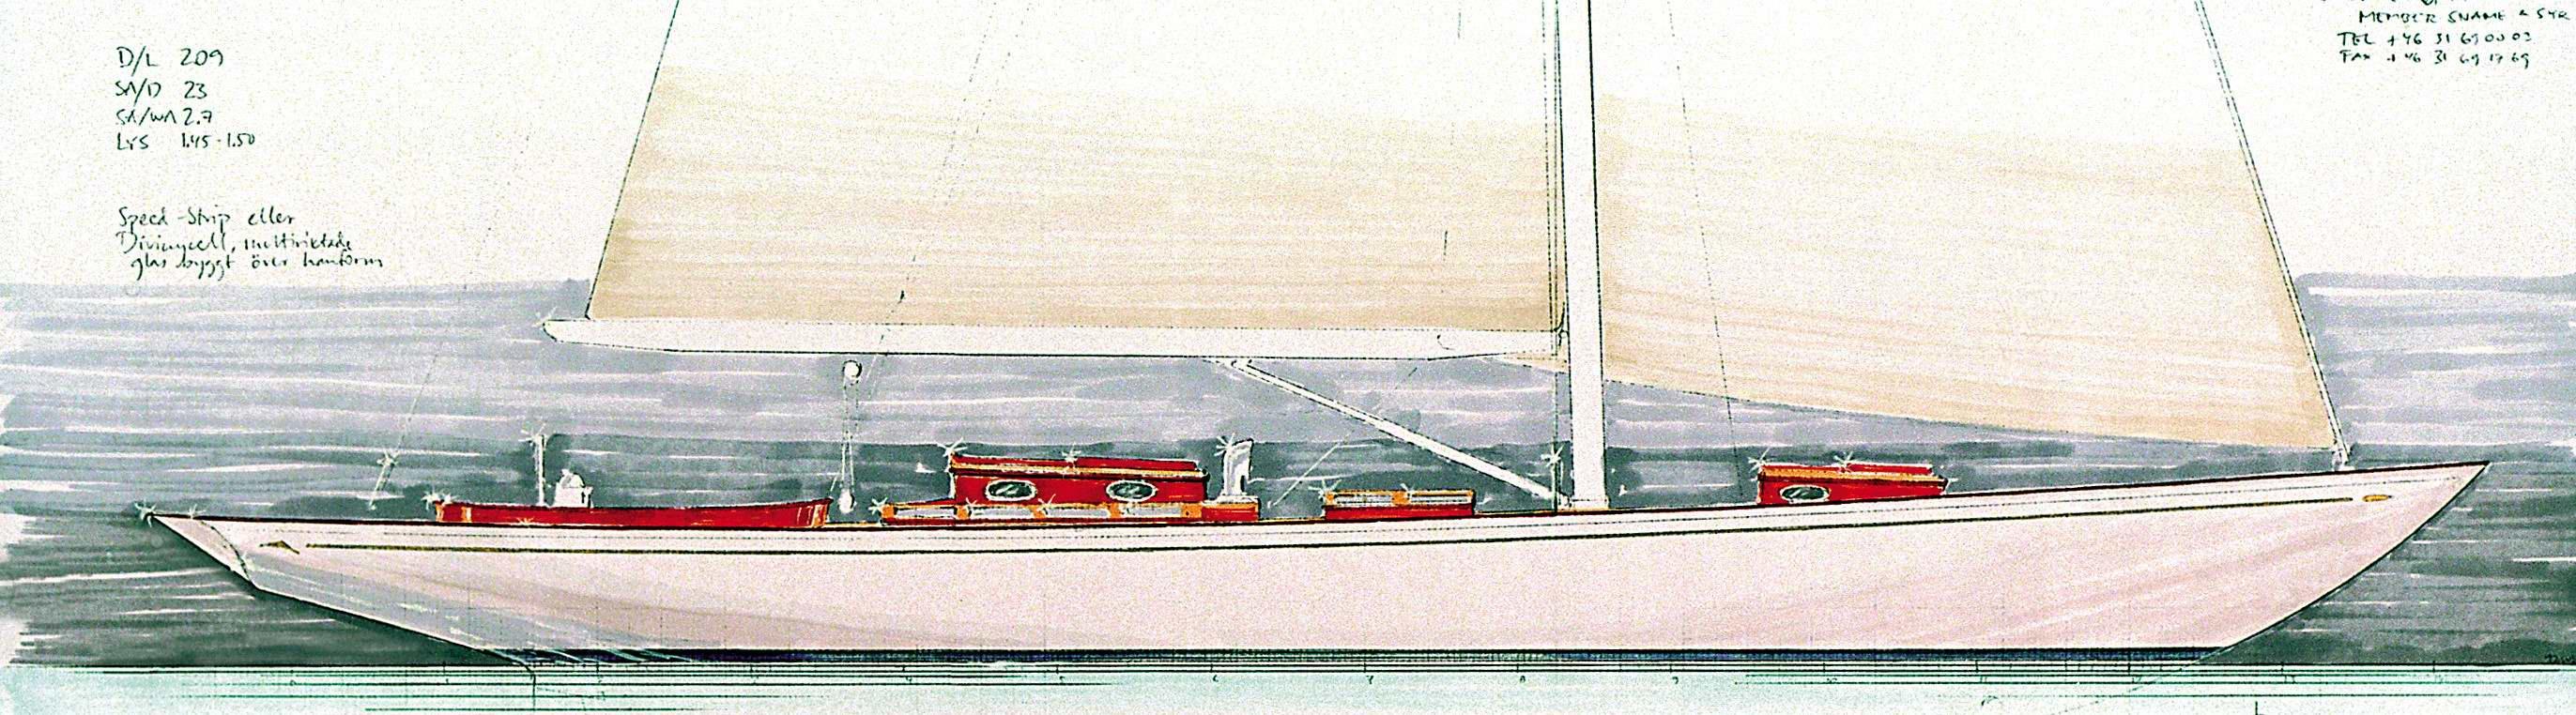 10-metre R Yacht - Copy (4)_01